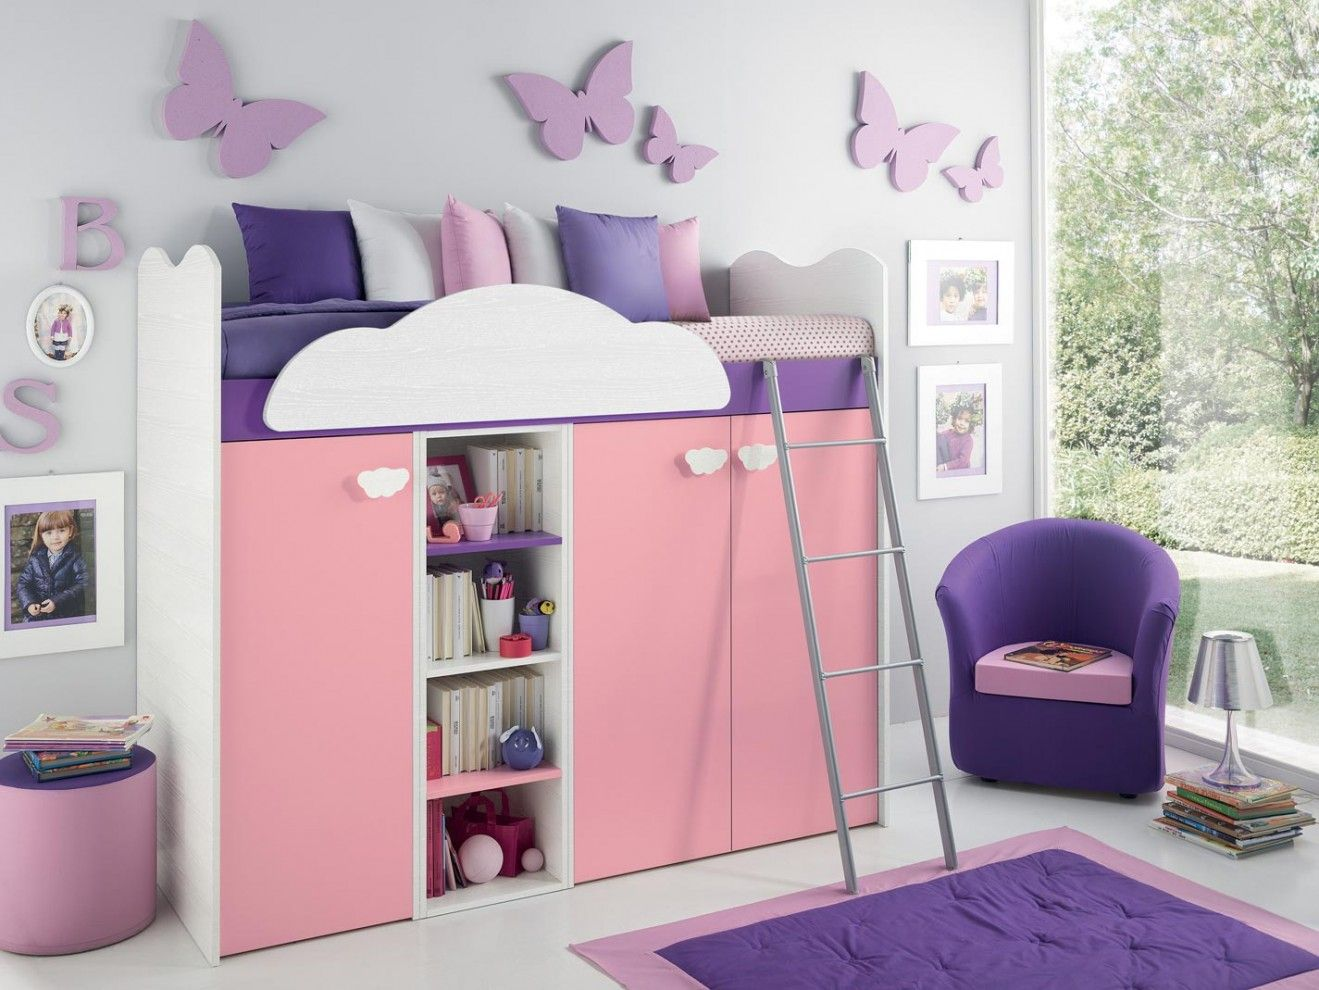 Le camerette per ragazzi e ragazze girotondo offrono - Camera da letto per ragazzi ...